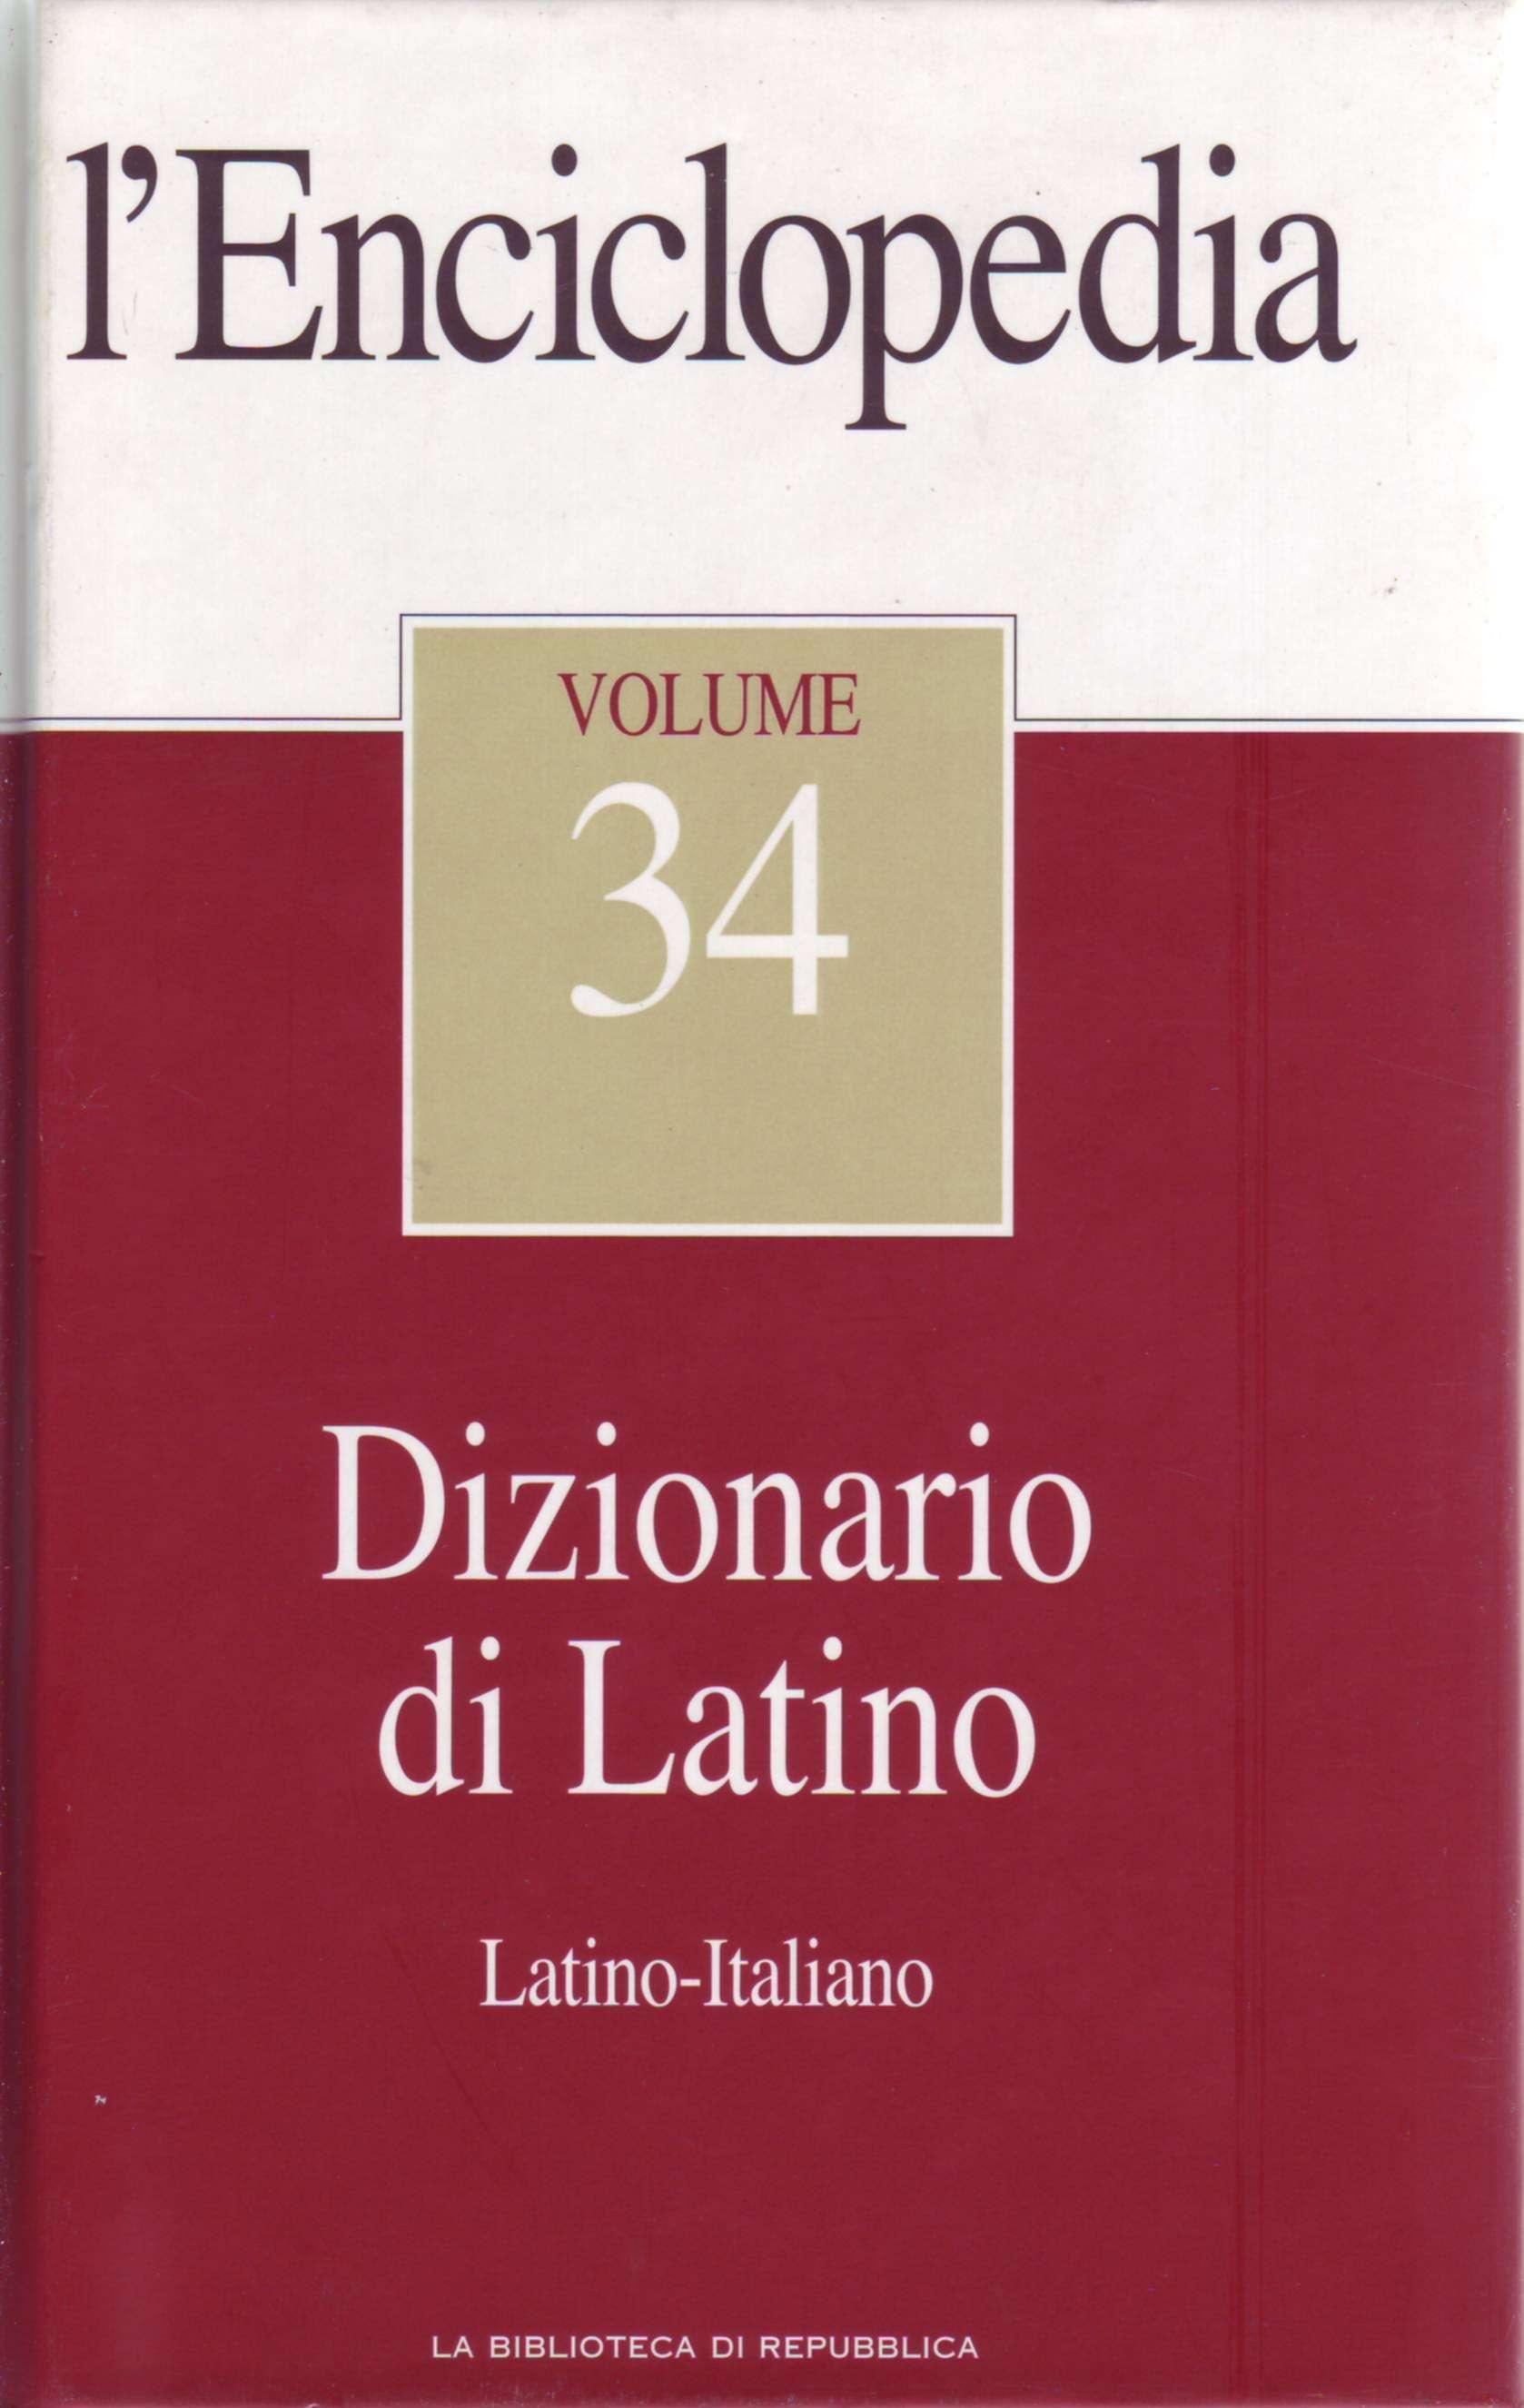 L'Enciclopedia - Vol. 34 - Dizionario di Latino 1